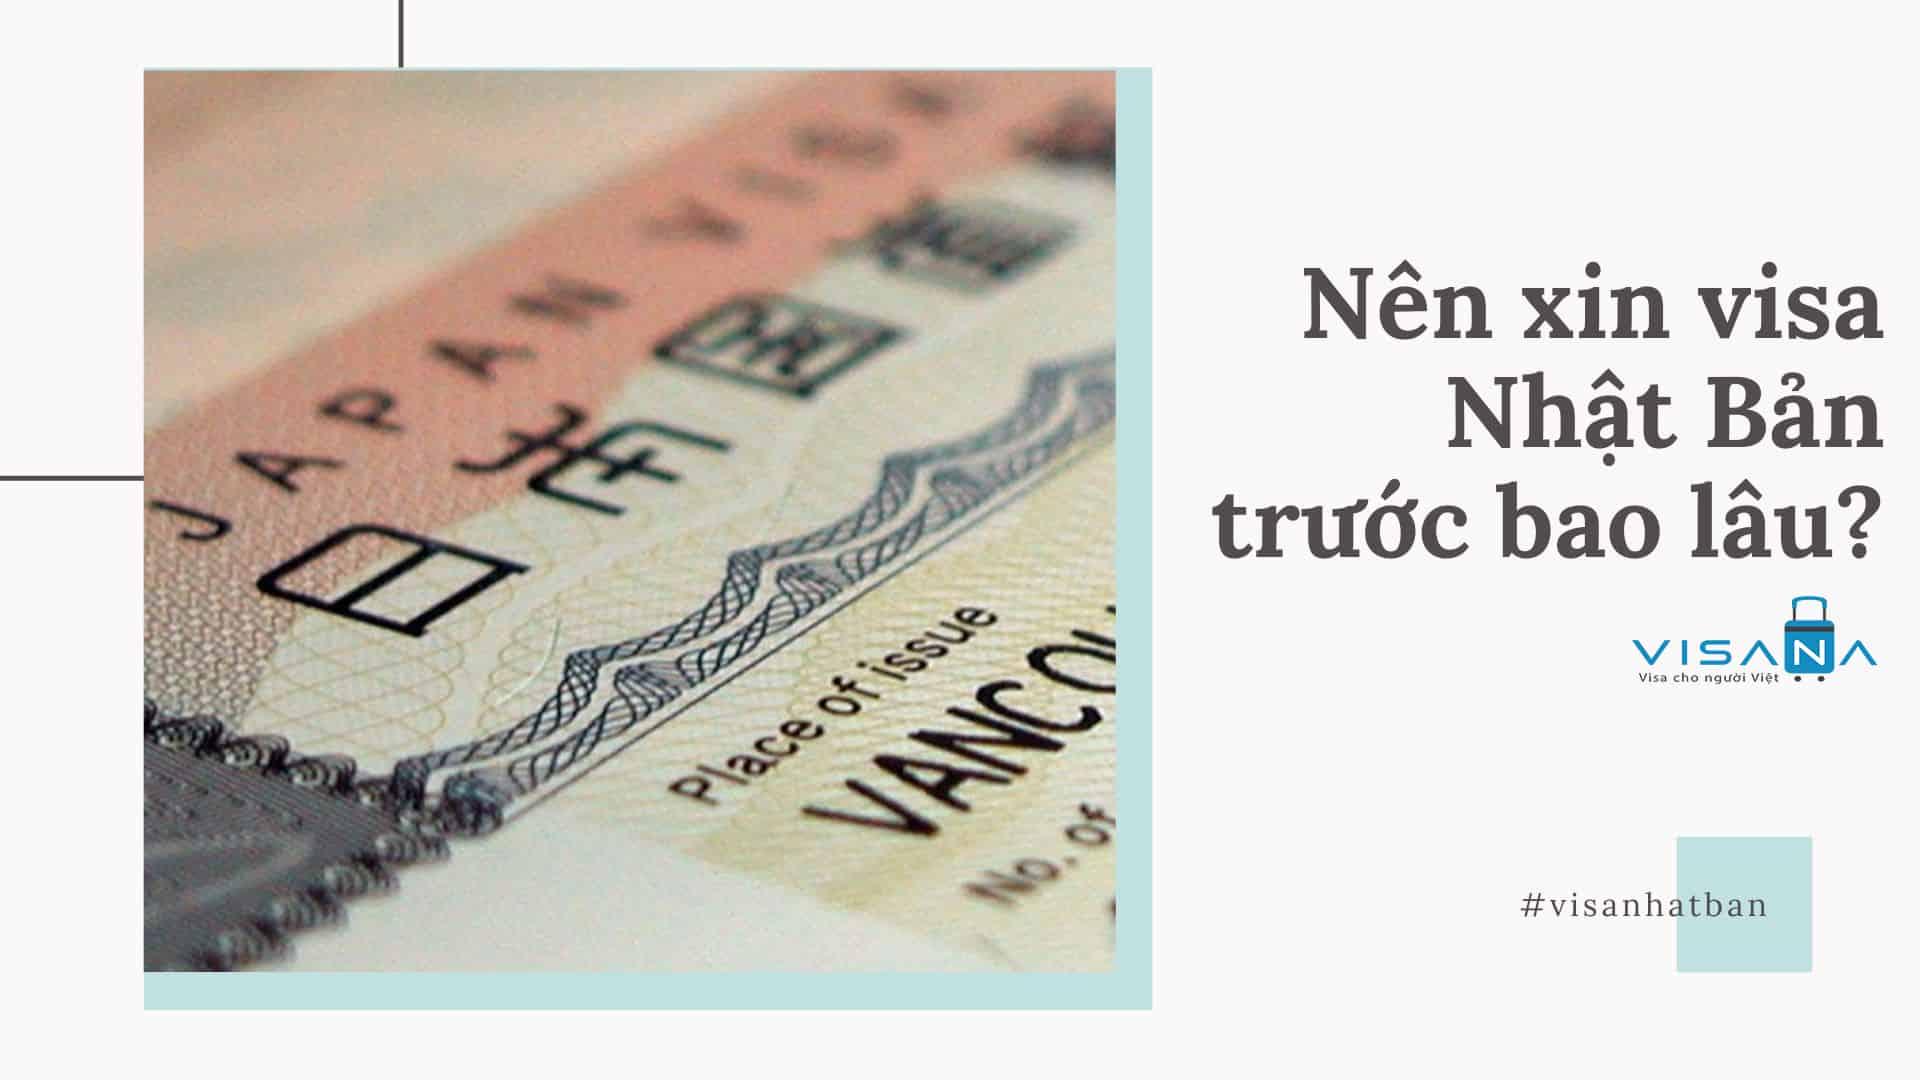 Nên xin visa Nhật Bản trước bao lâu - VISANA